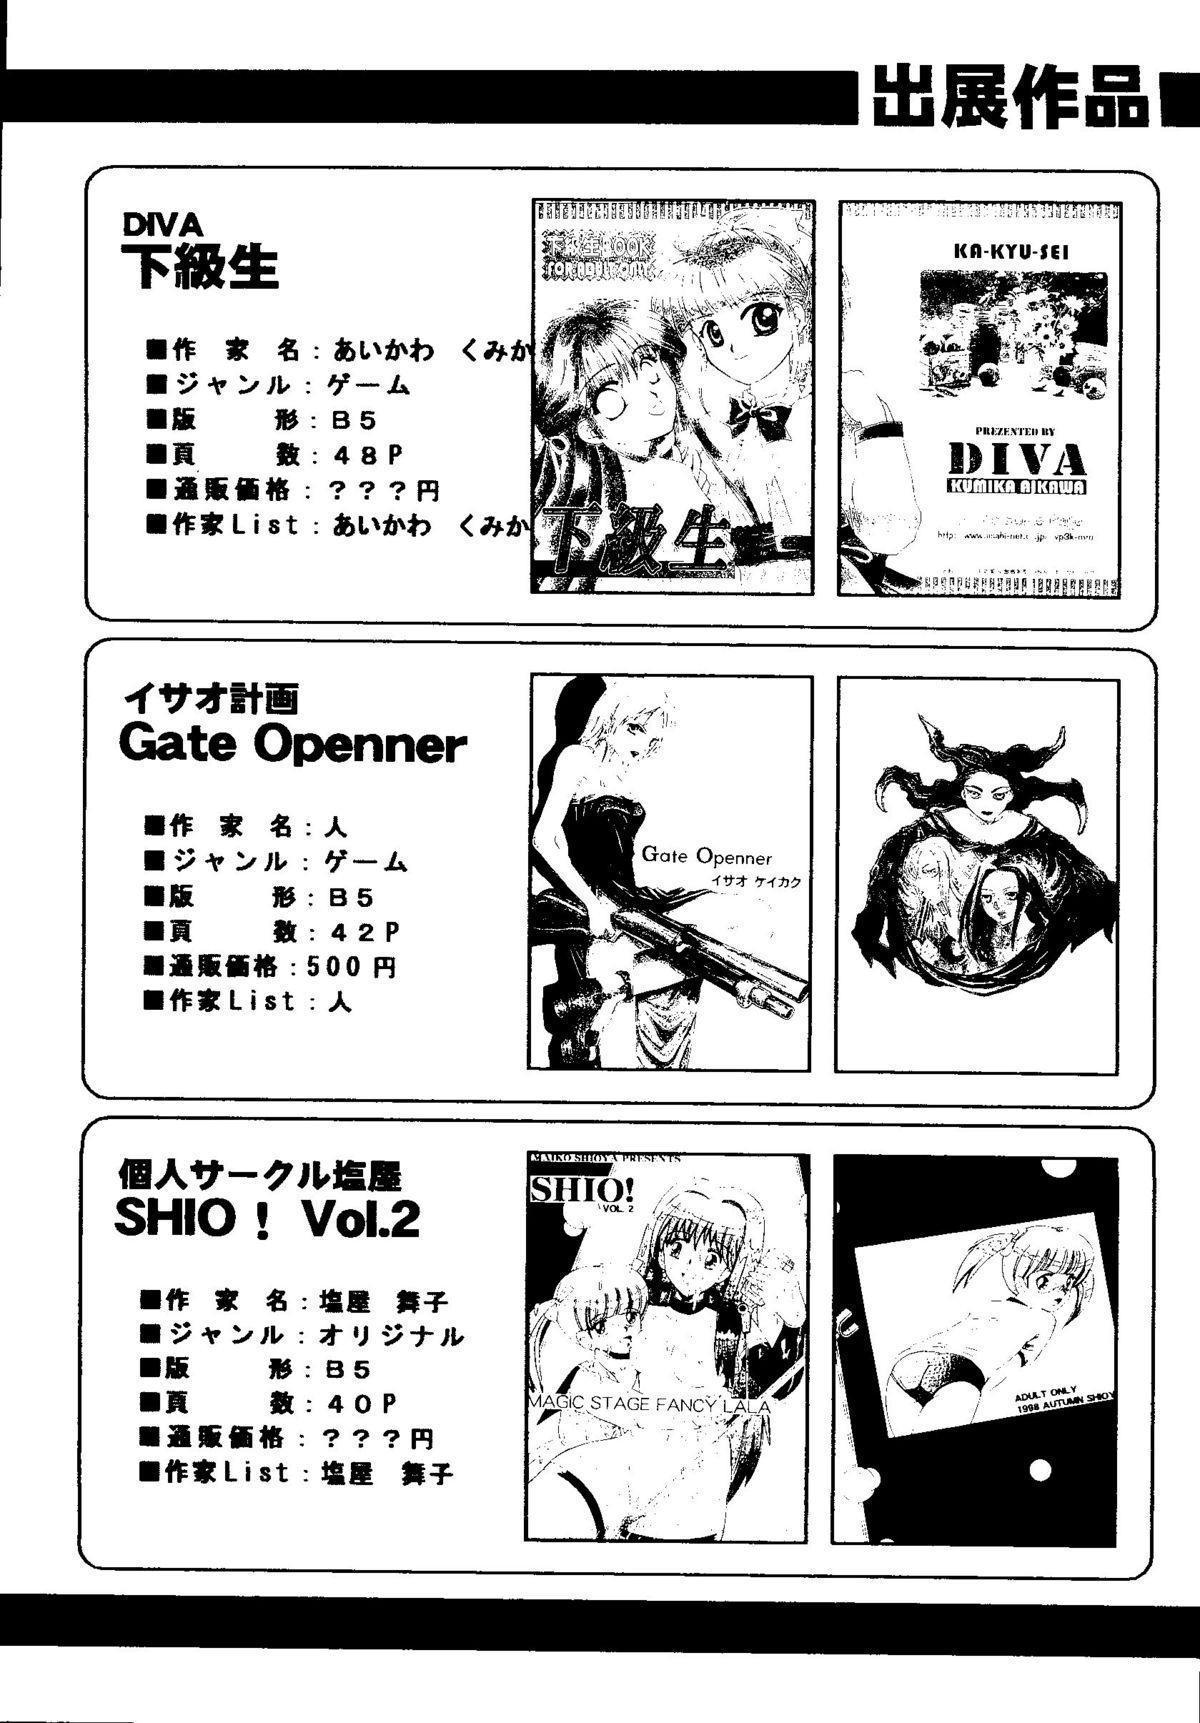 Bishoujo Doujinshi Anthology Cute 2 141